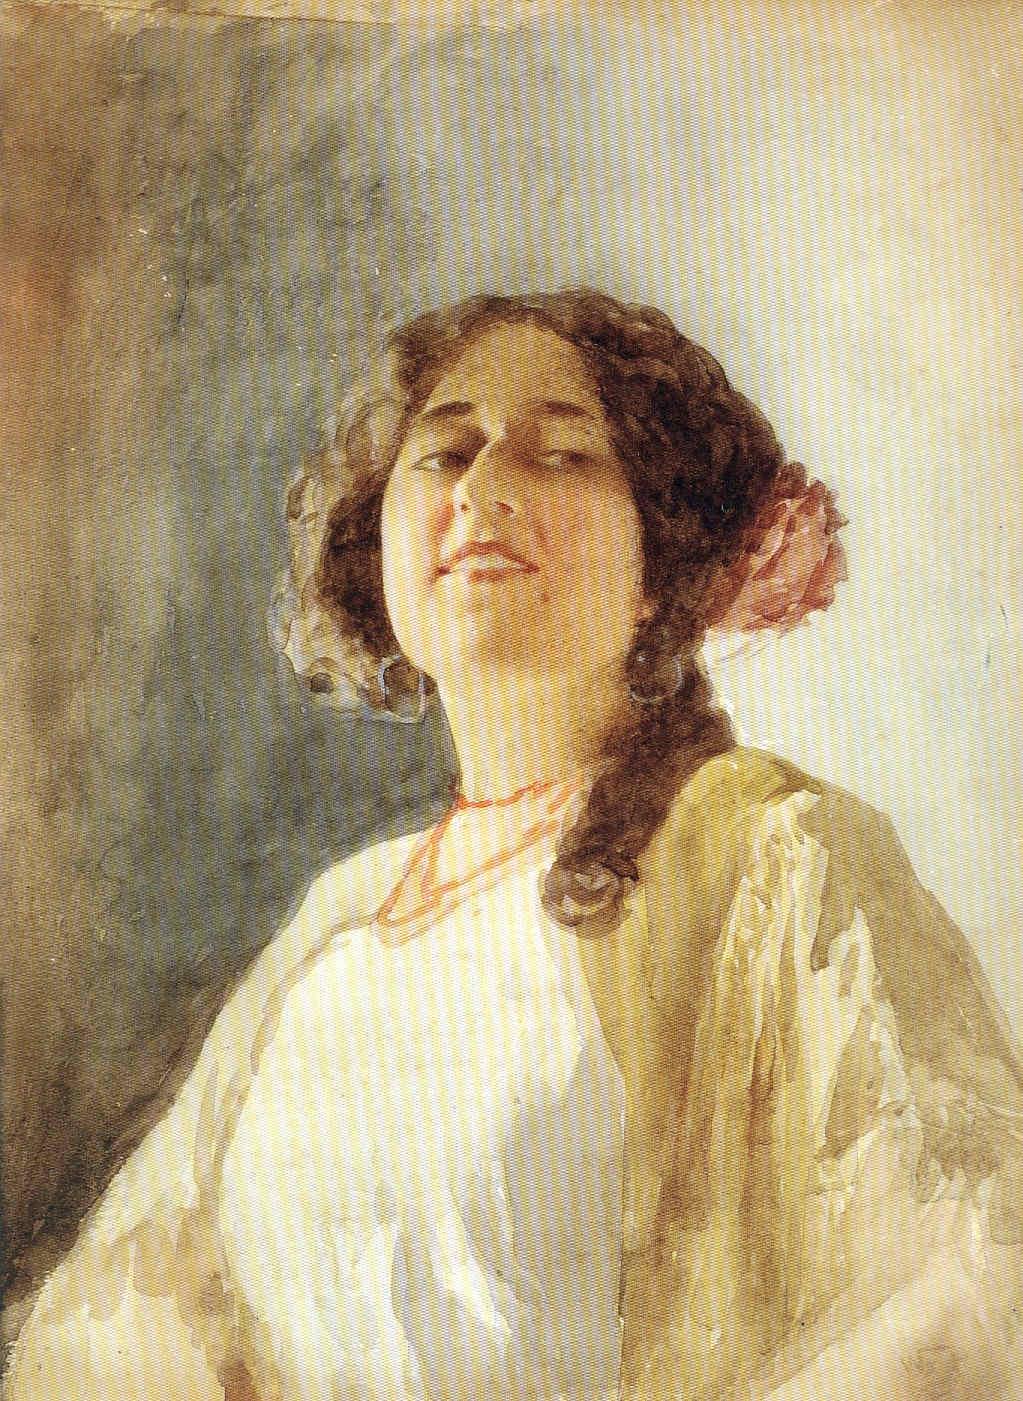 Wssel de Guimbarda y la Acuarela 3 La Pintura 158